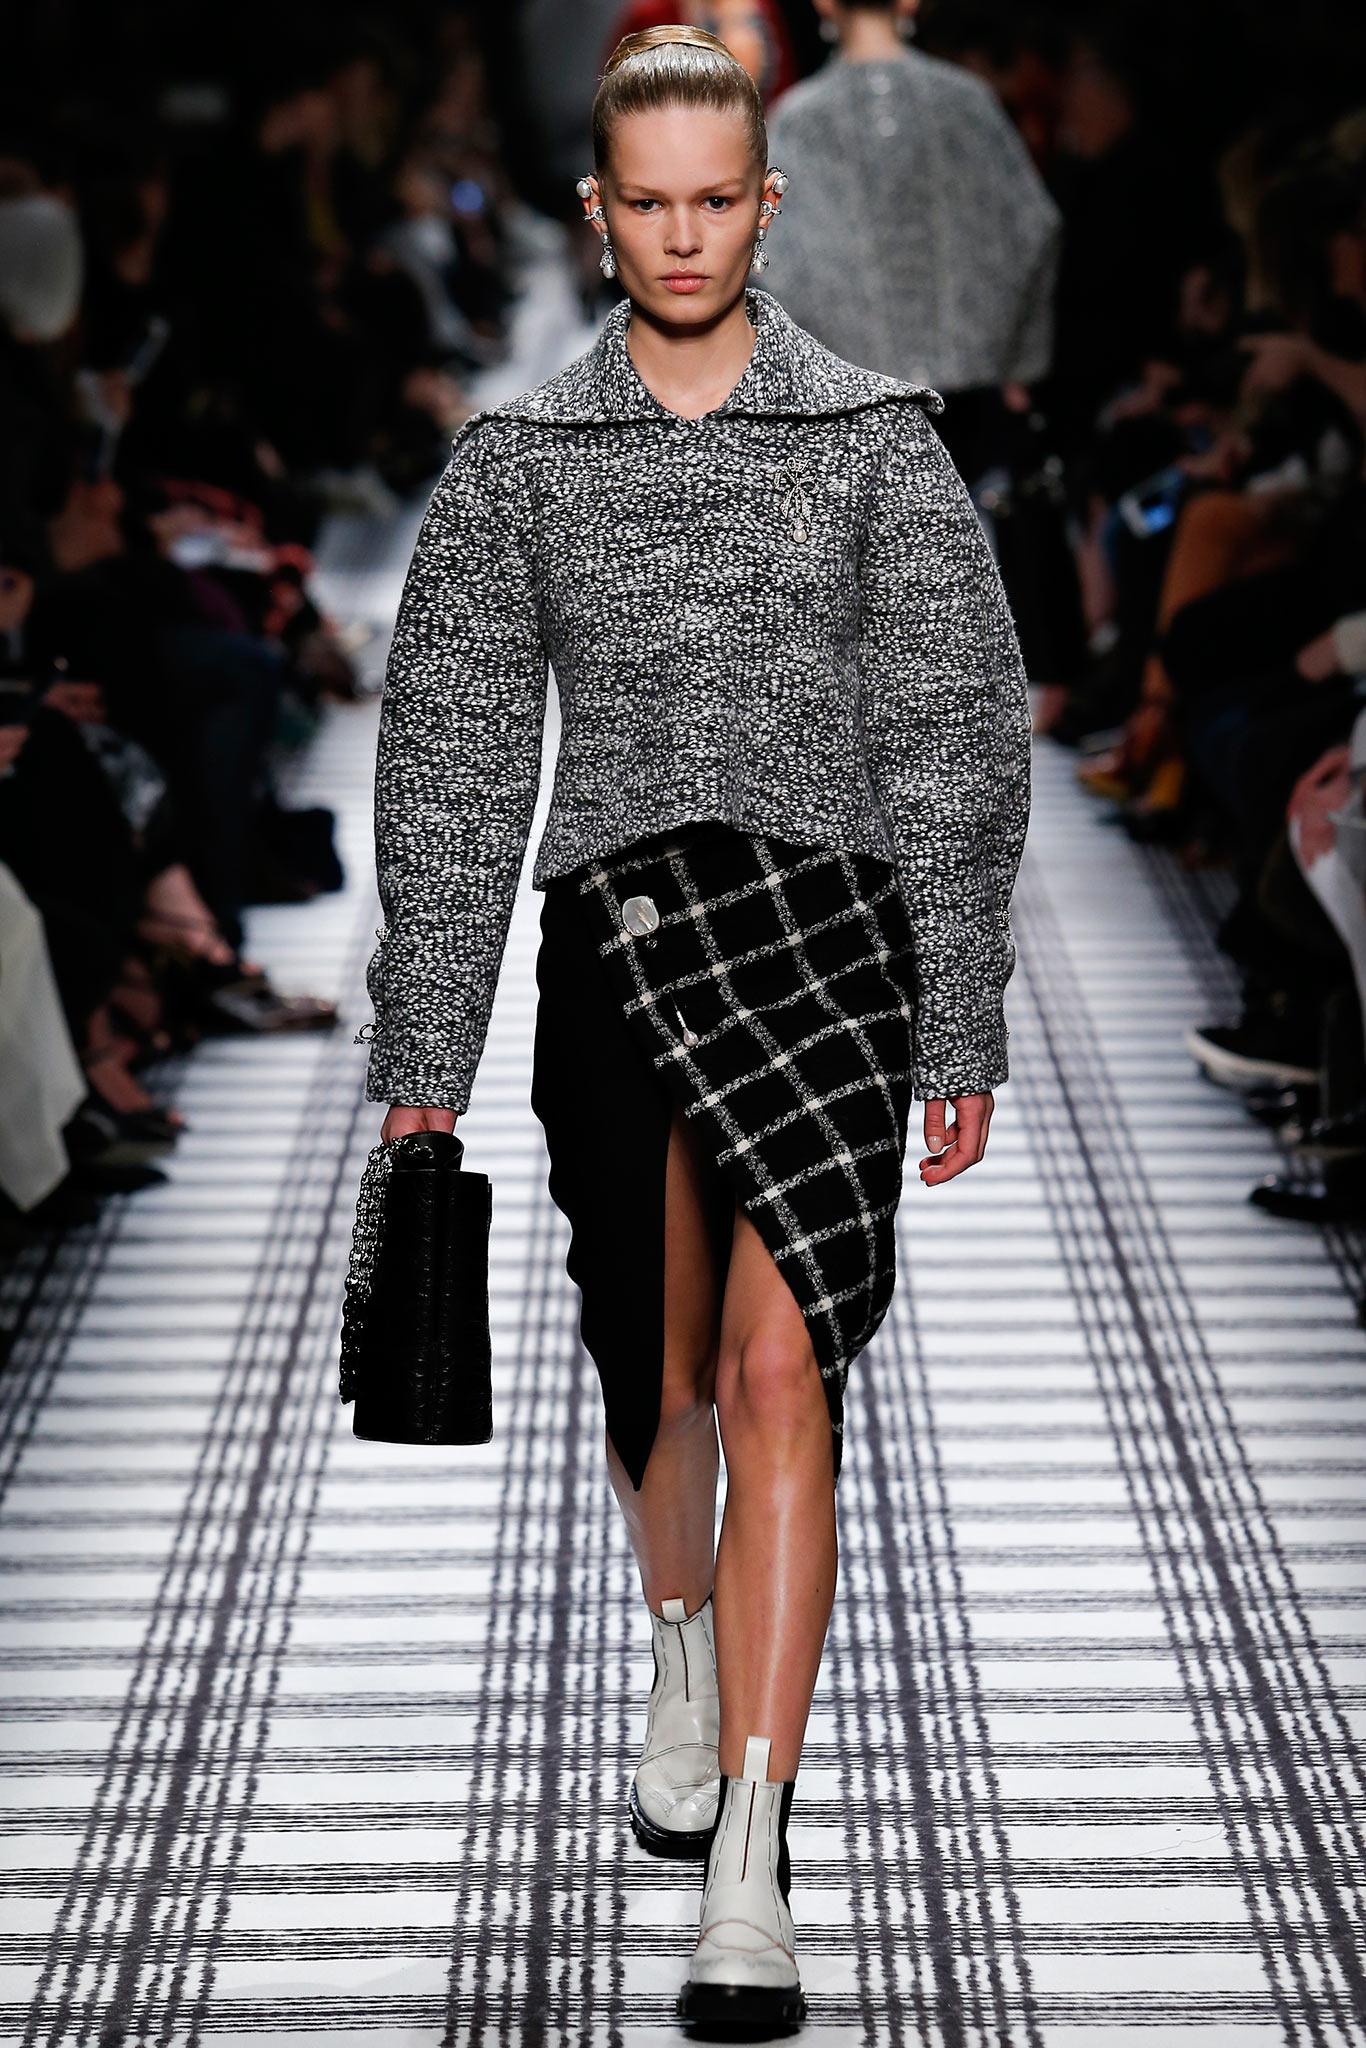 Balenciaga осень зима 20152016 Неделя моды в Париже: во что превращаются показы сегодня?